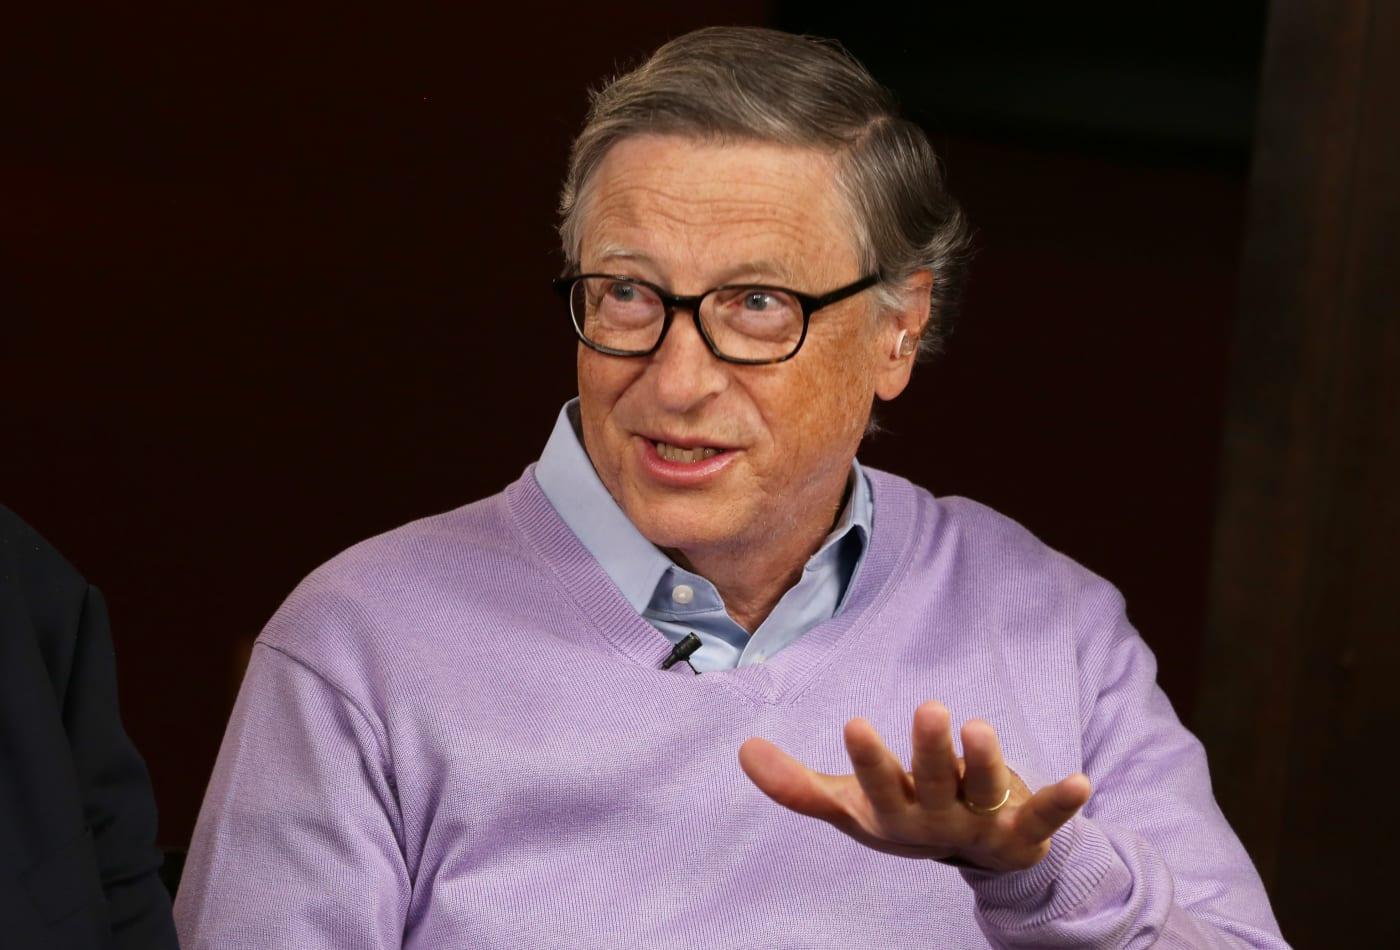 Tỉ phú Bill Gates trở thành mục tiêu mới trong các thuyết âm mưu về virus Covid-19 - Ảnh 2.